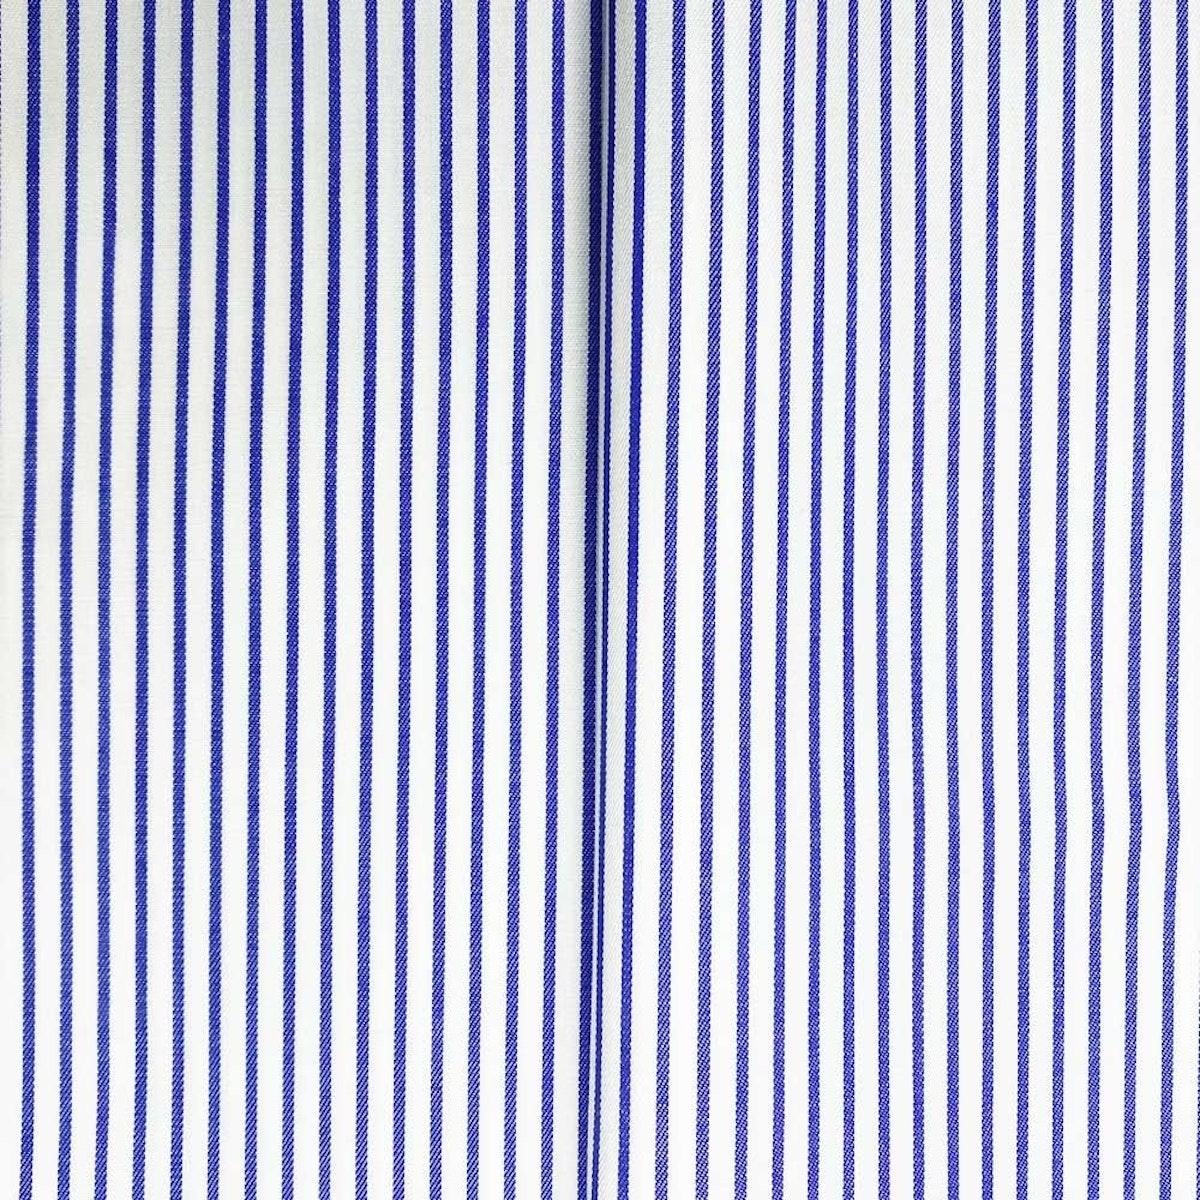 InStitchu Shirt Fabric 127